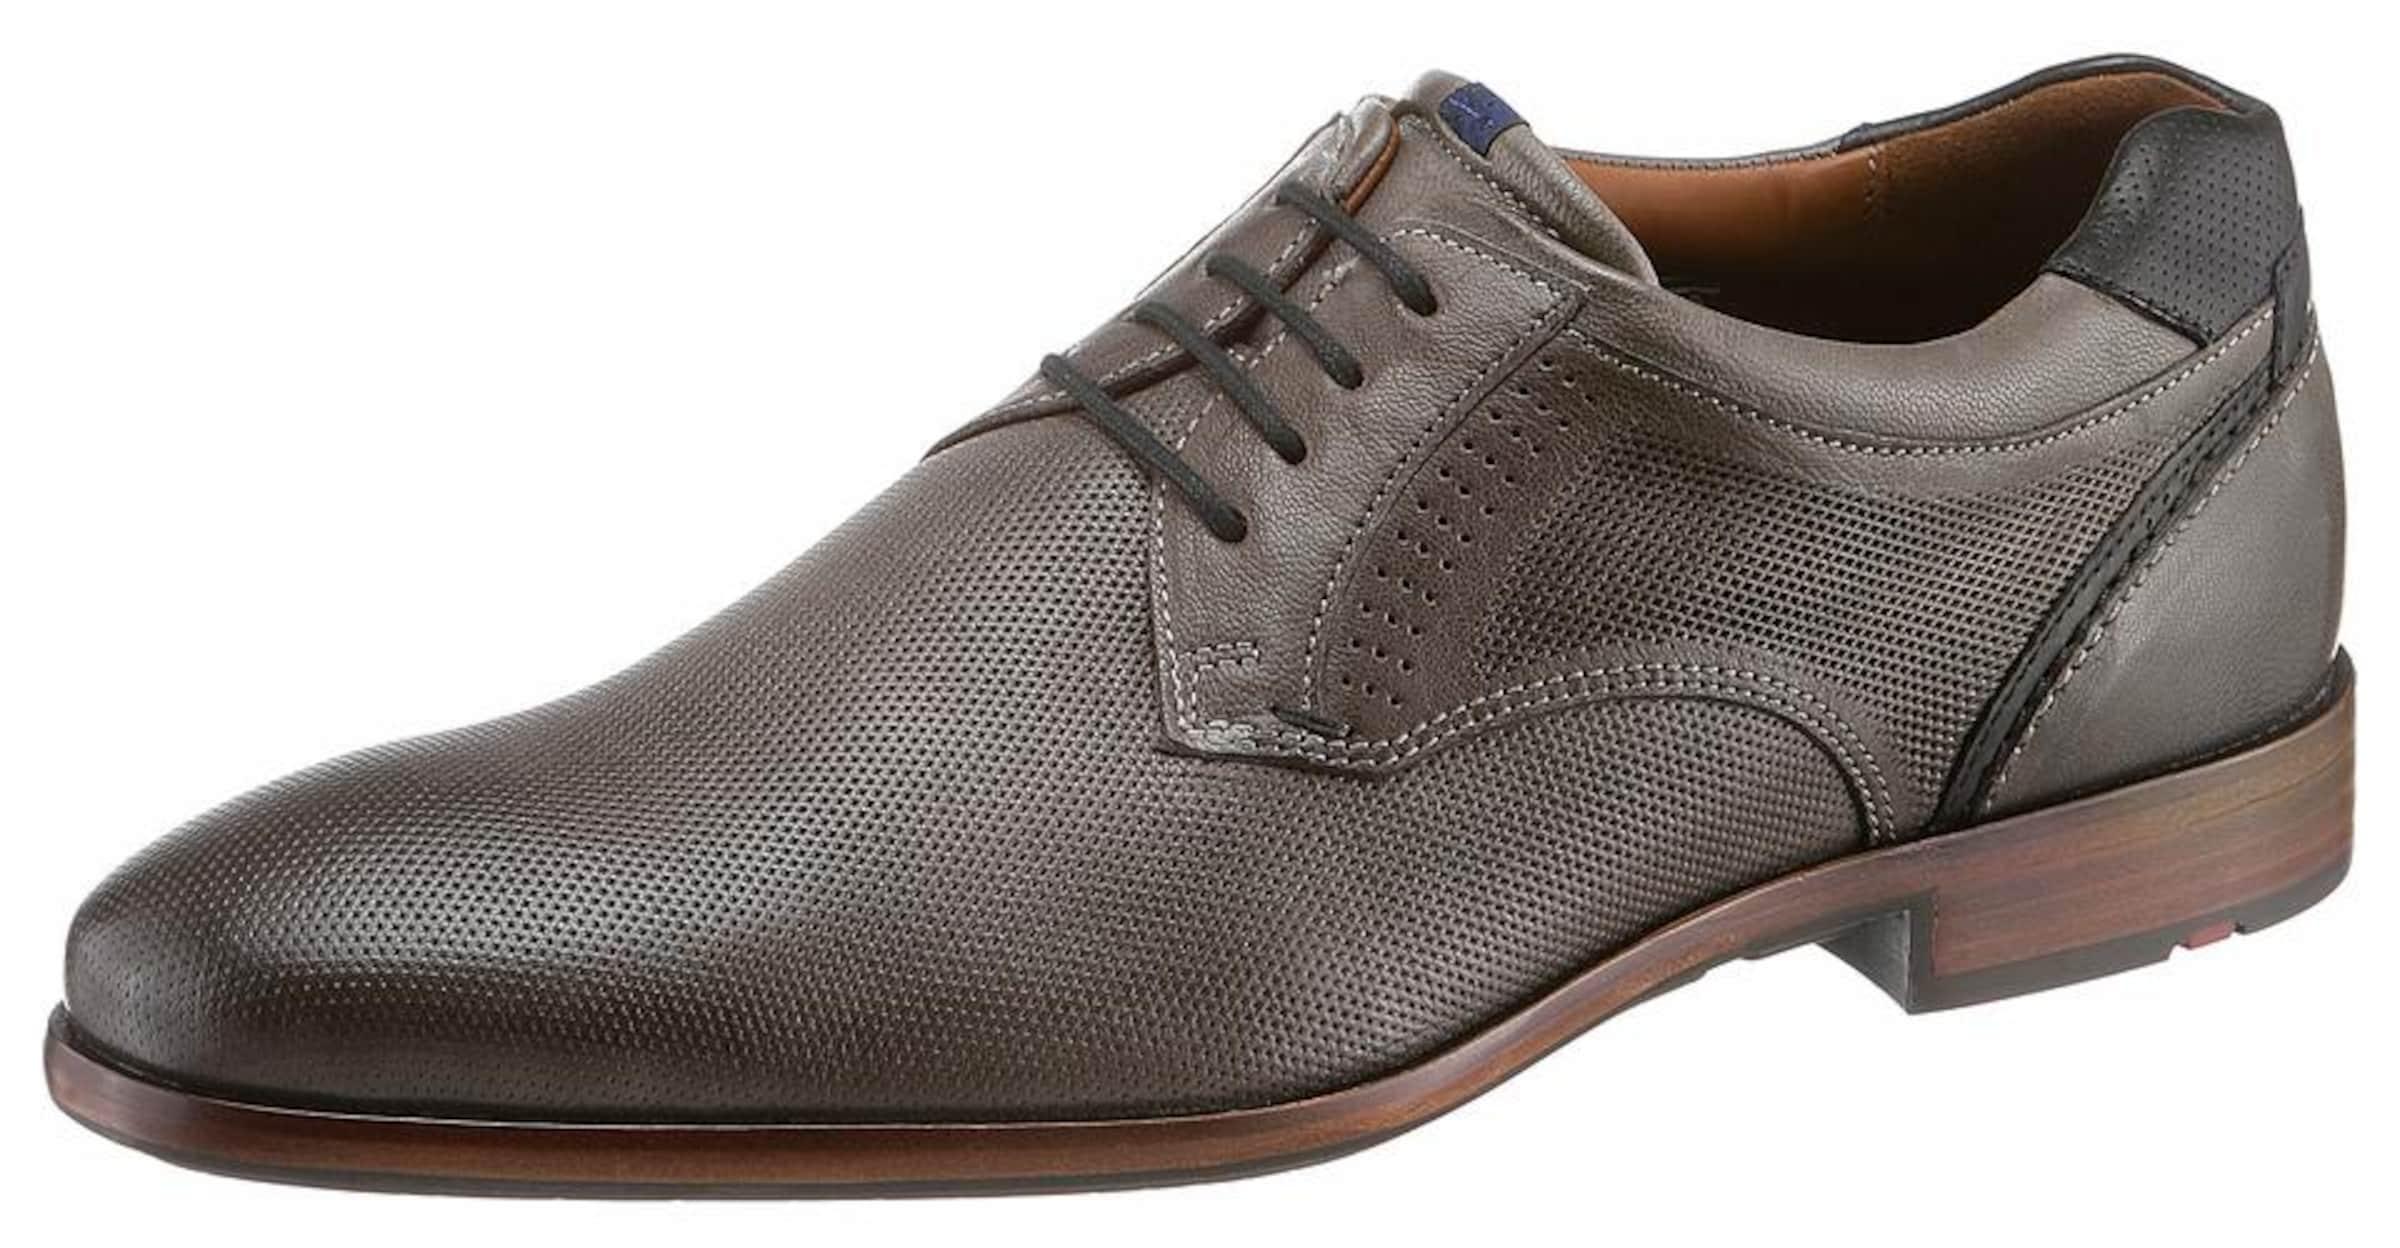 LLOYD Schnürschuh Marshall Verschleißfeste billige Schuhe